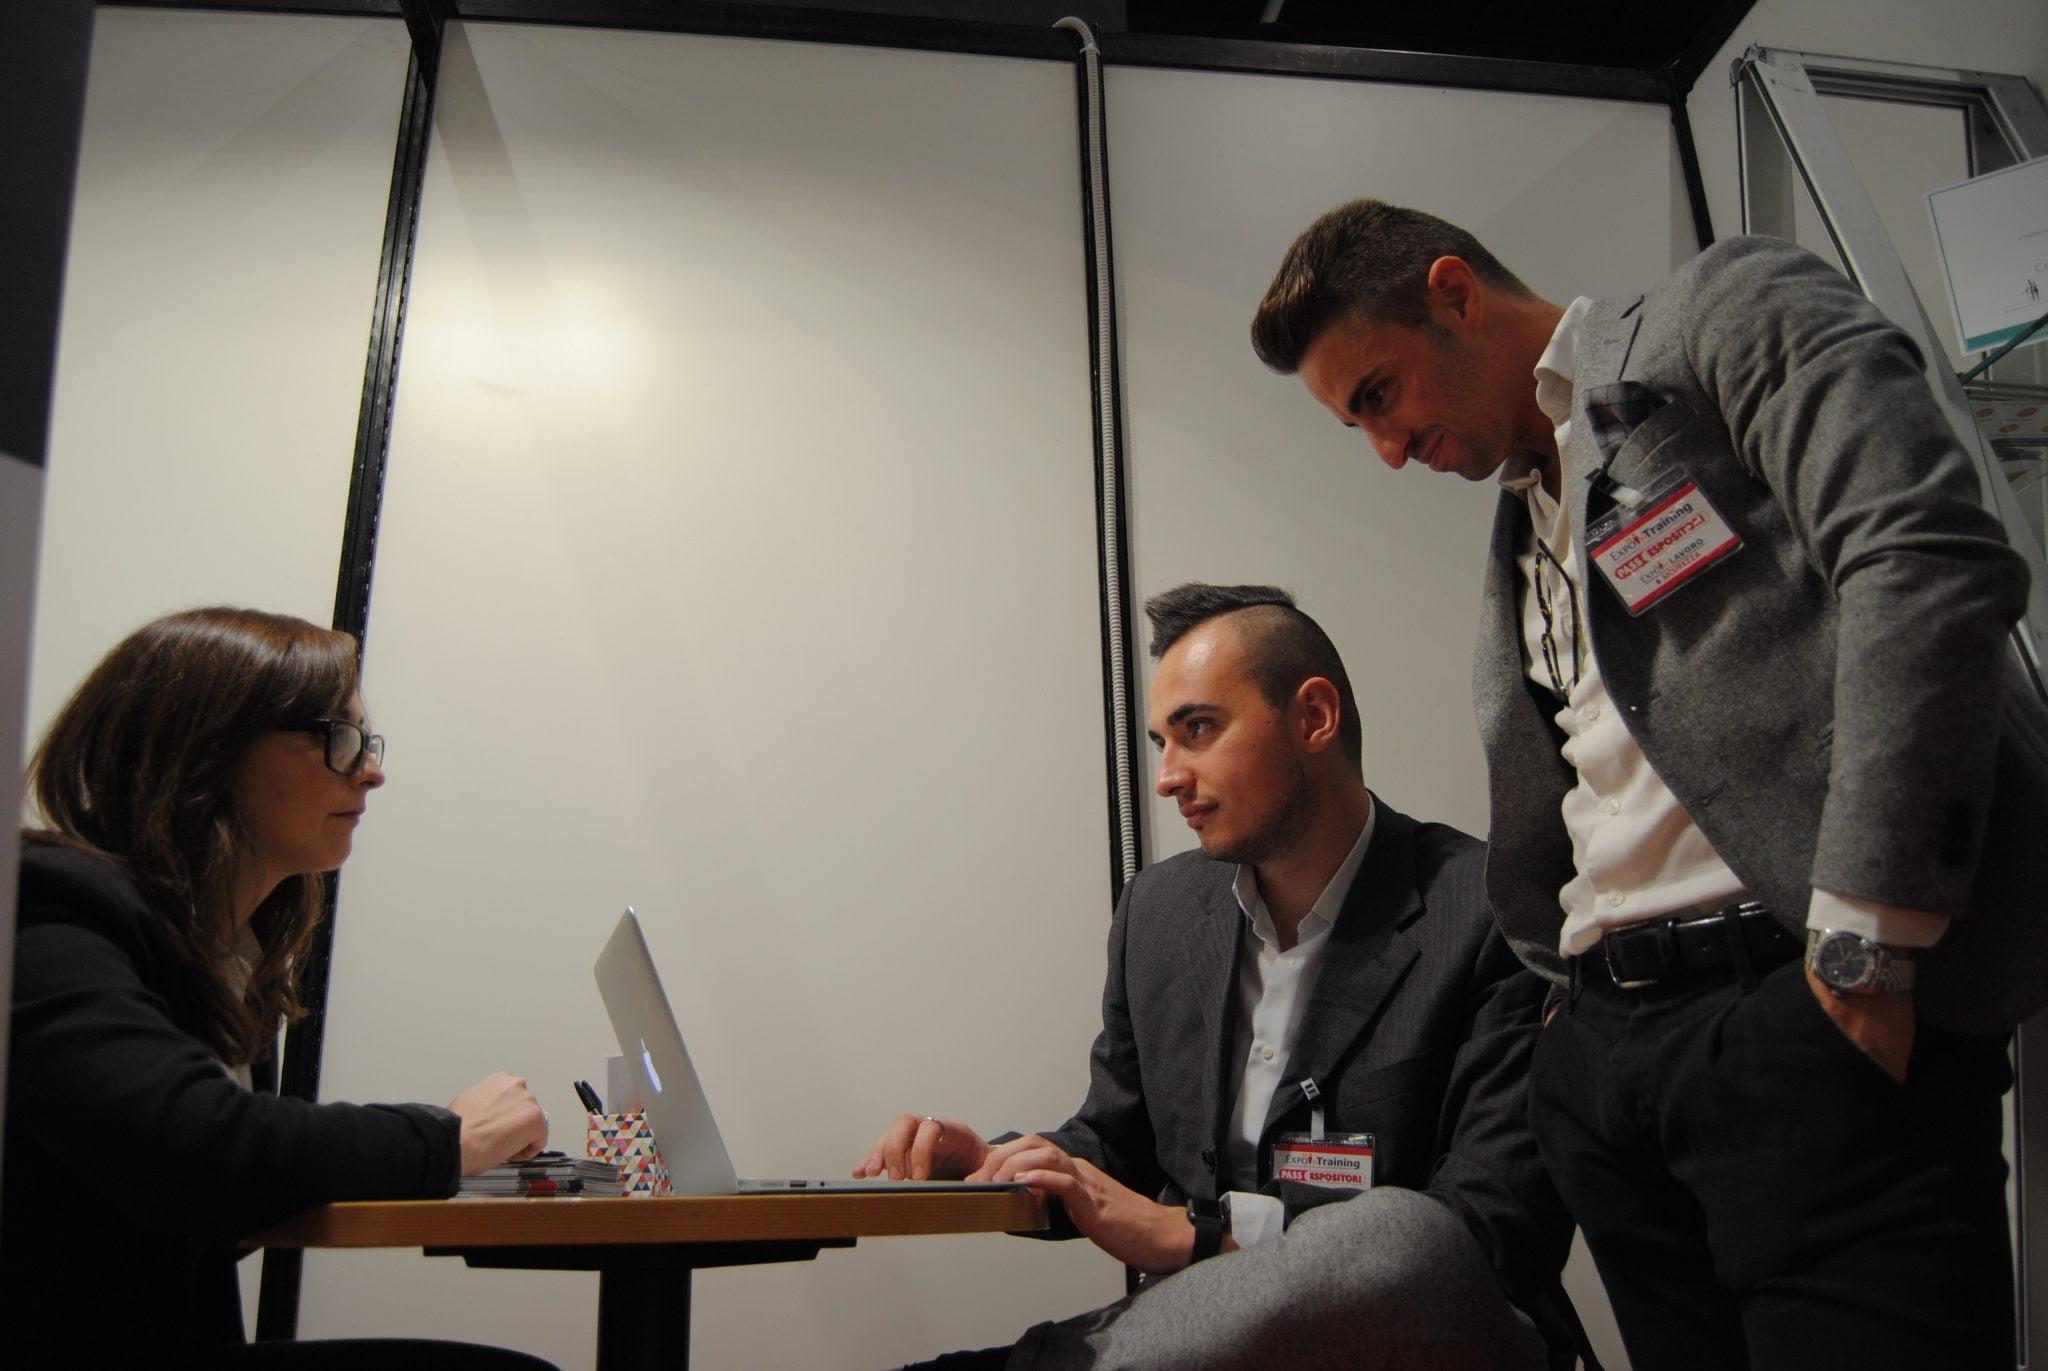 Life Learning, piattaforma italiana con 500.000 studenti, ottiene un'importante certificazione 2